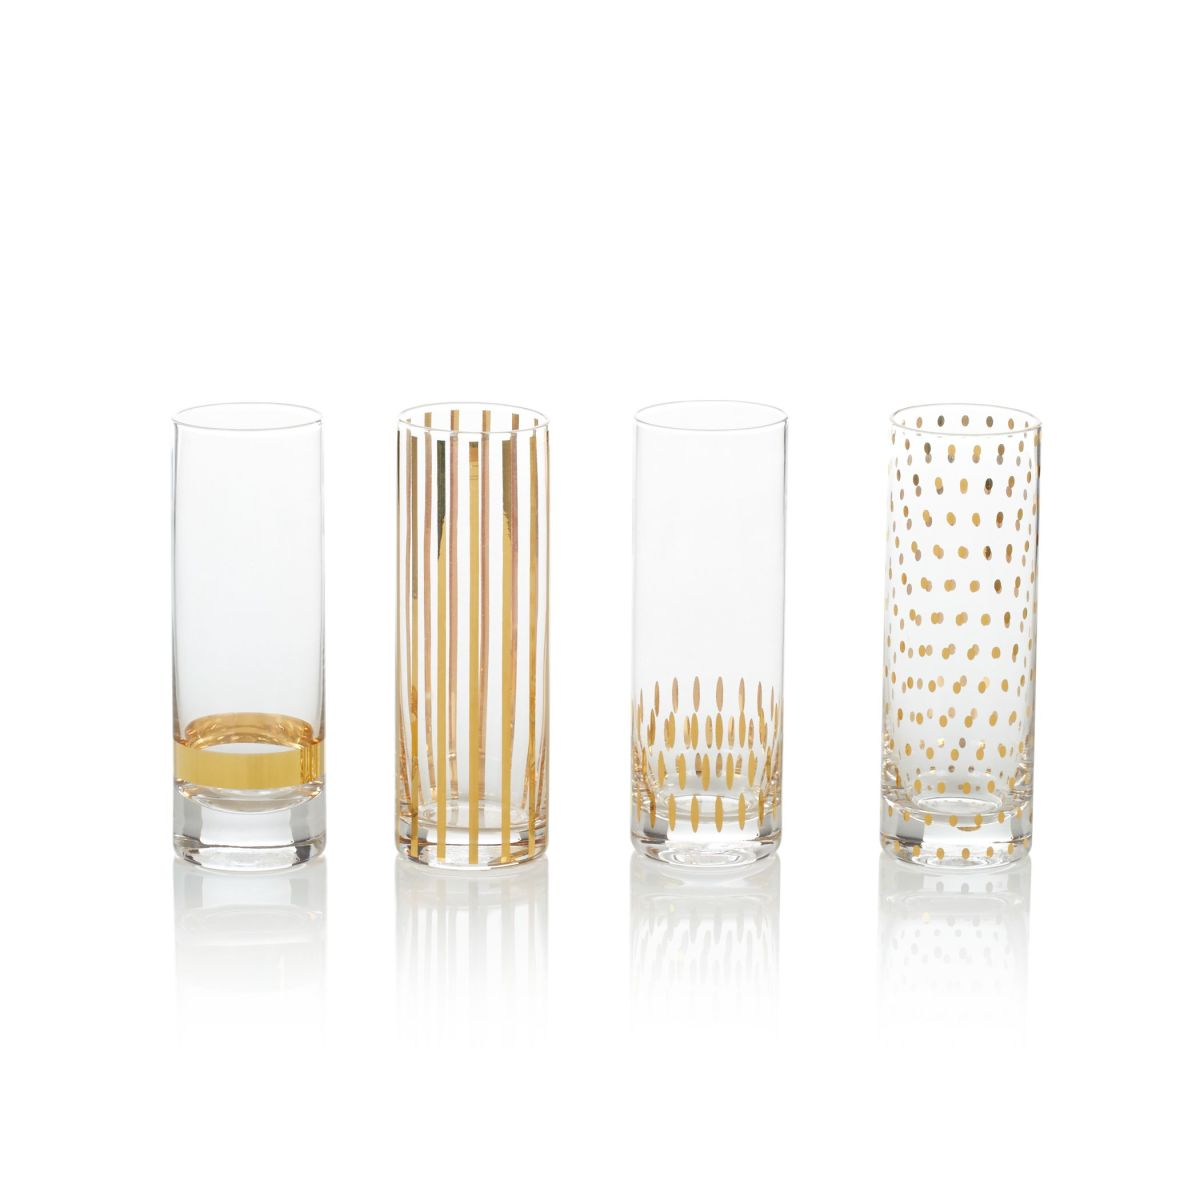 Artikel klicken und genauer betrachten! - Prost! Stoßen Sie an mit diesen handgearbeiteten Gläsern. In unterschiedlichen goldenen Designs, Geschirrspülereignung: Handwäsche empfohlen, Maße: Höhe ca. 15 cm, Ø ca. 5 cm, Gewicht: ca. 0,9 kg. | im Online Shop kaufen